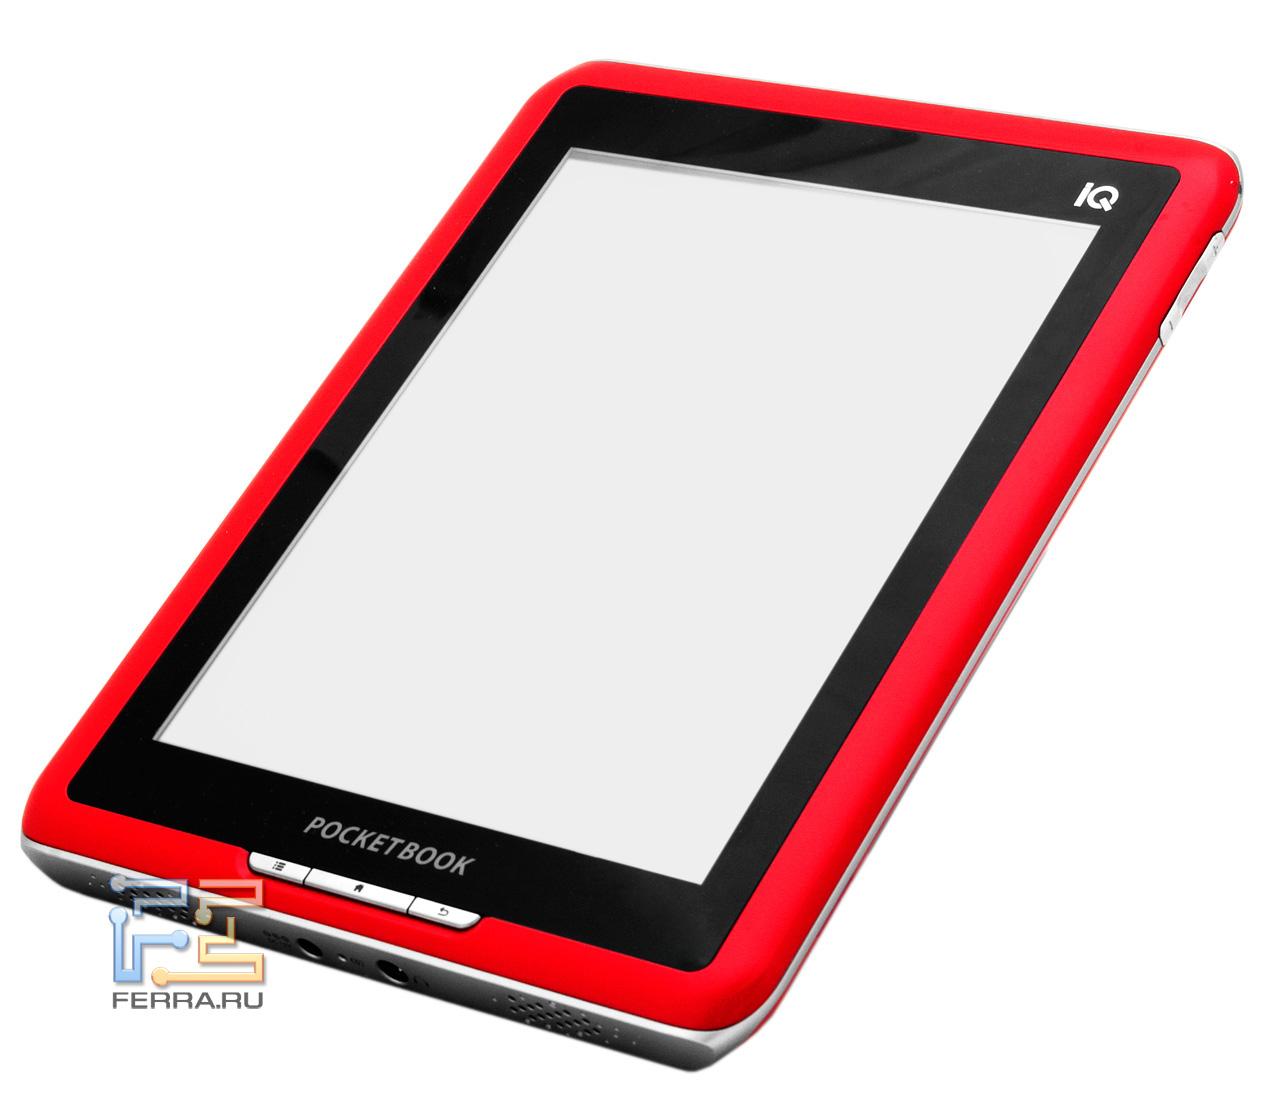 Приложения для pocketbook 701 iq скачать